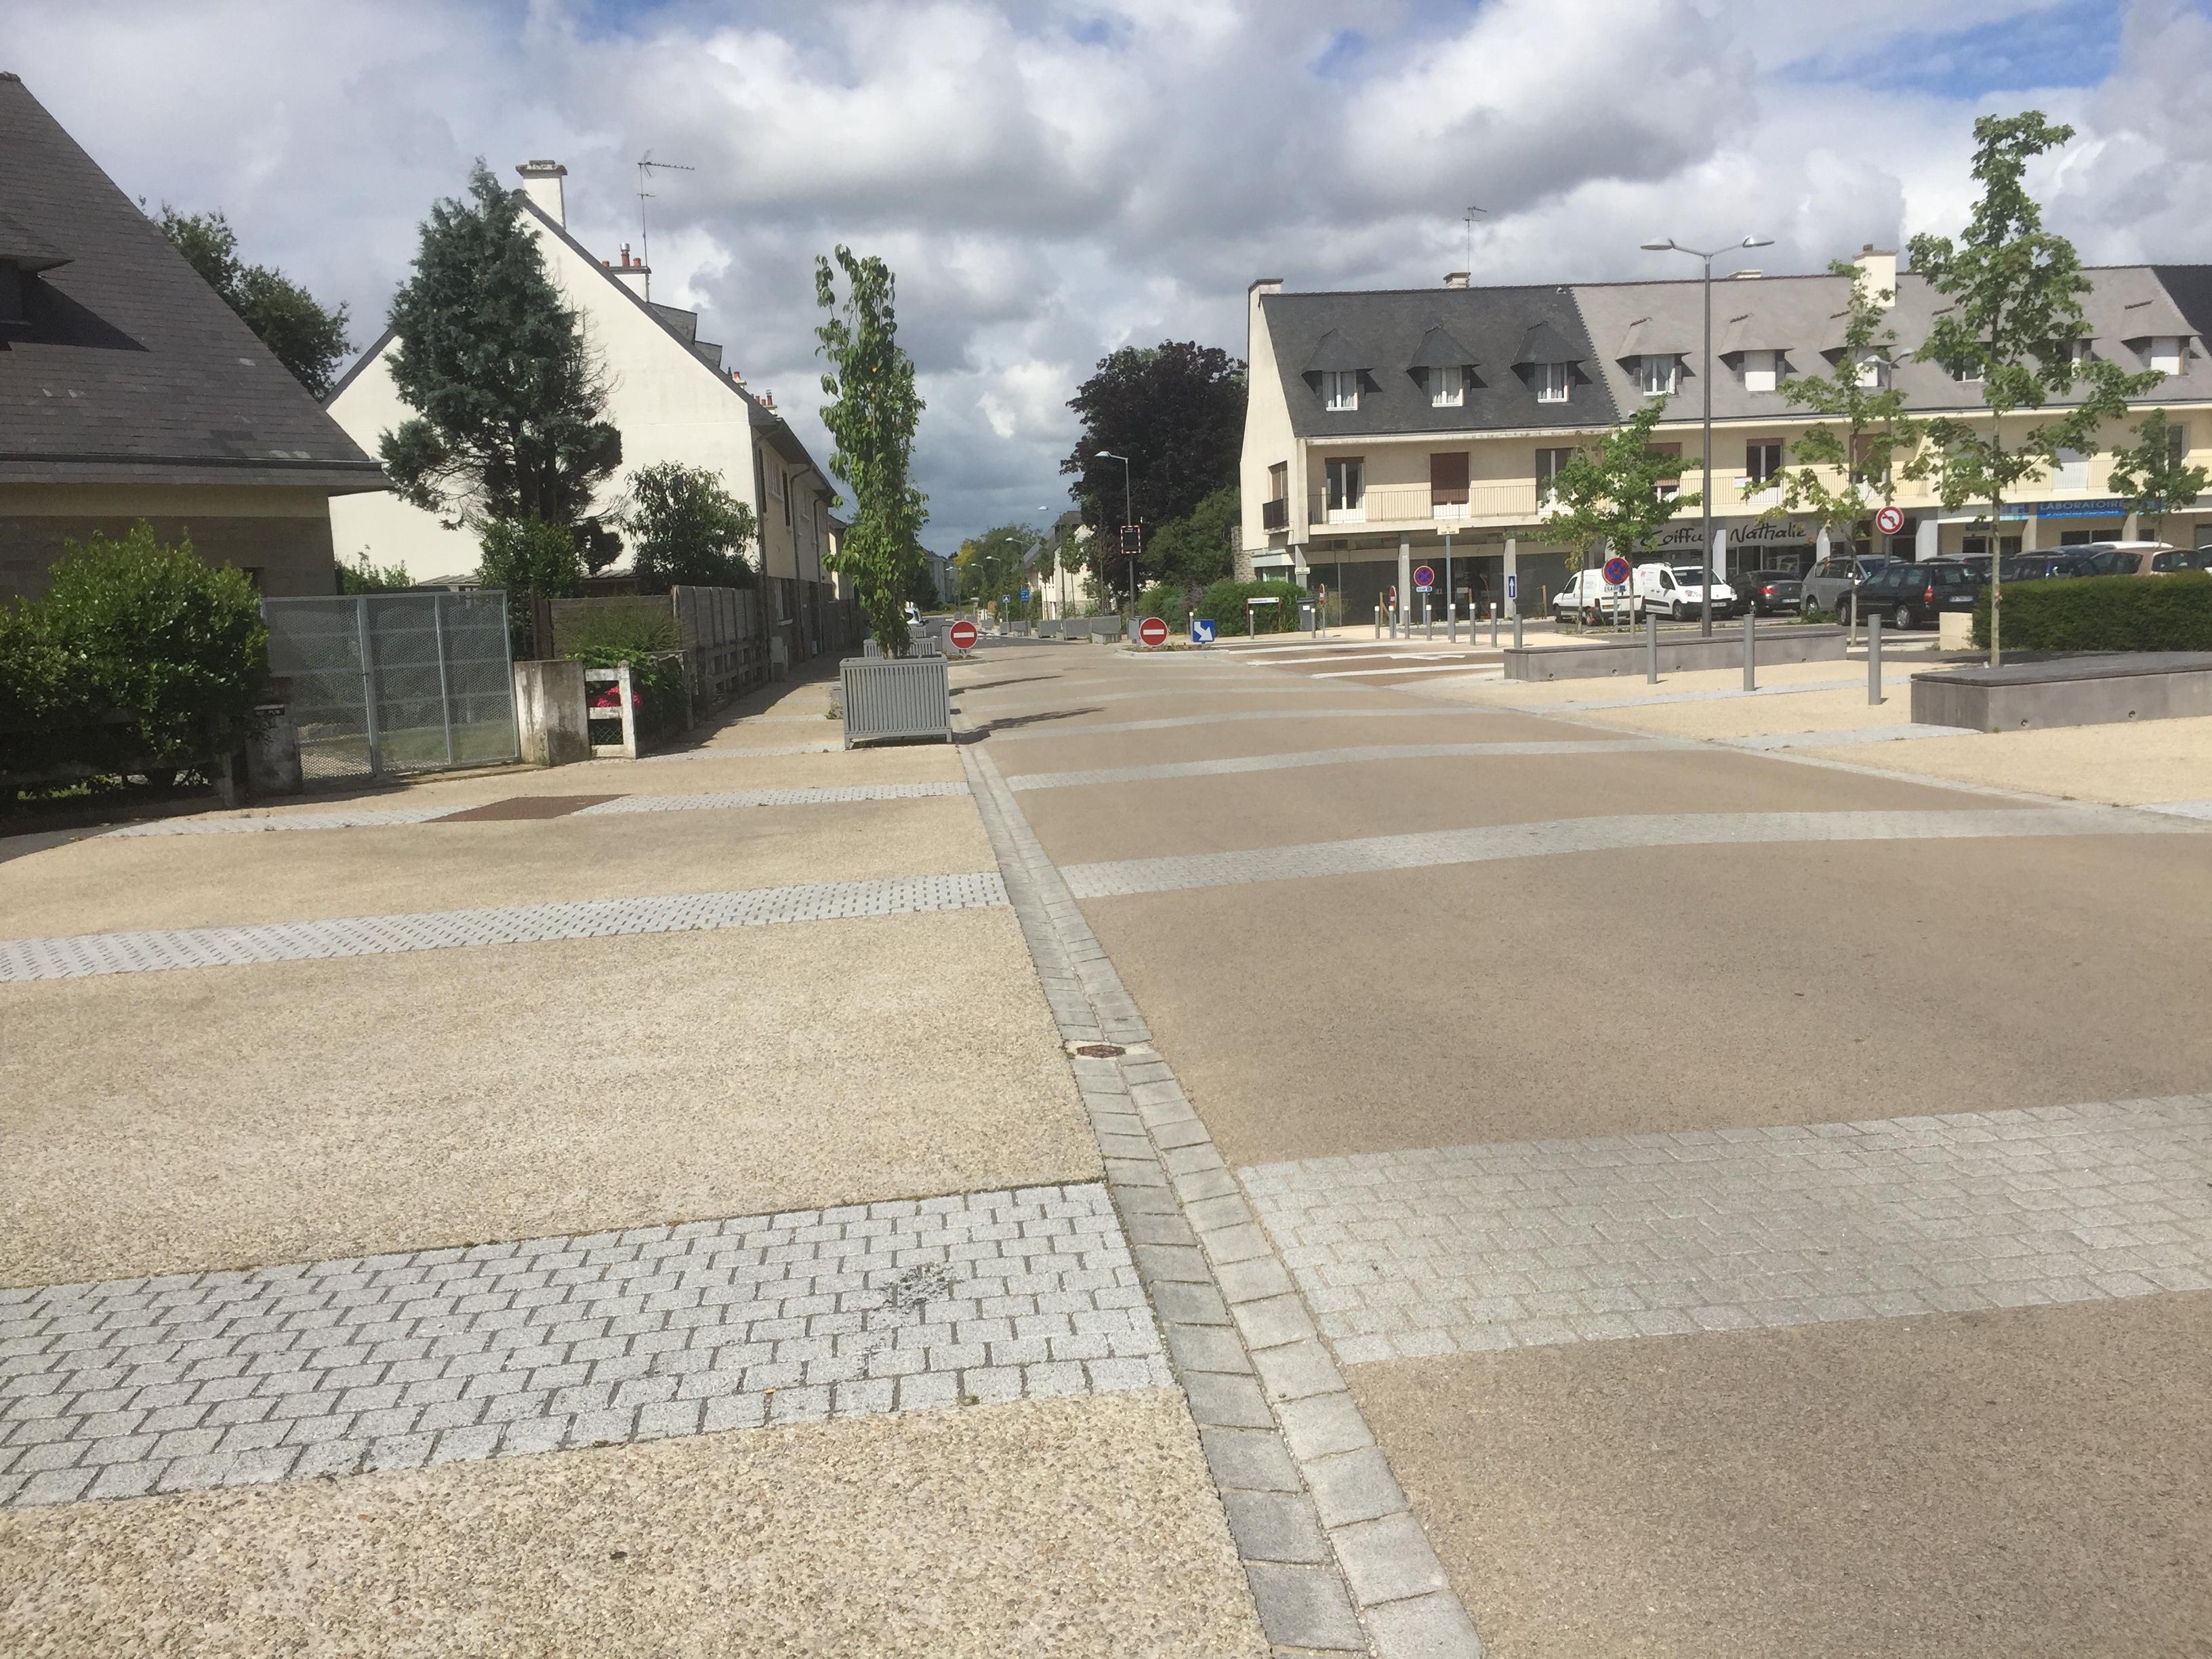 Ville de saint gr goire quartier belle epine cit des for Piscine saint gregoire